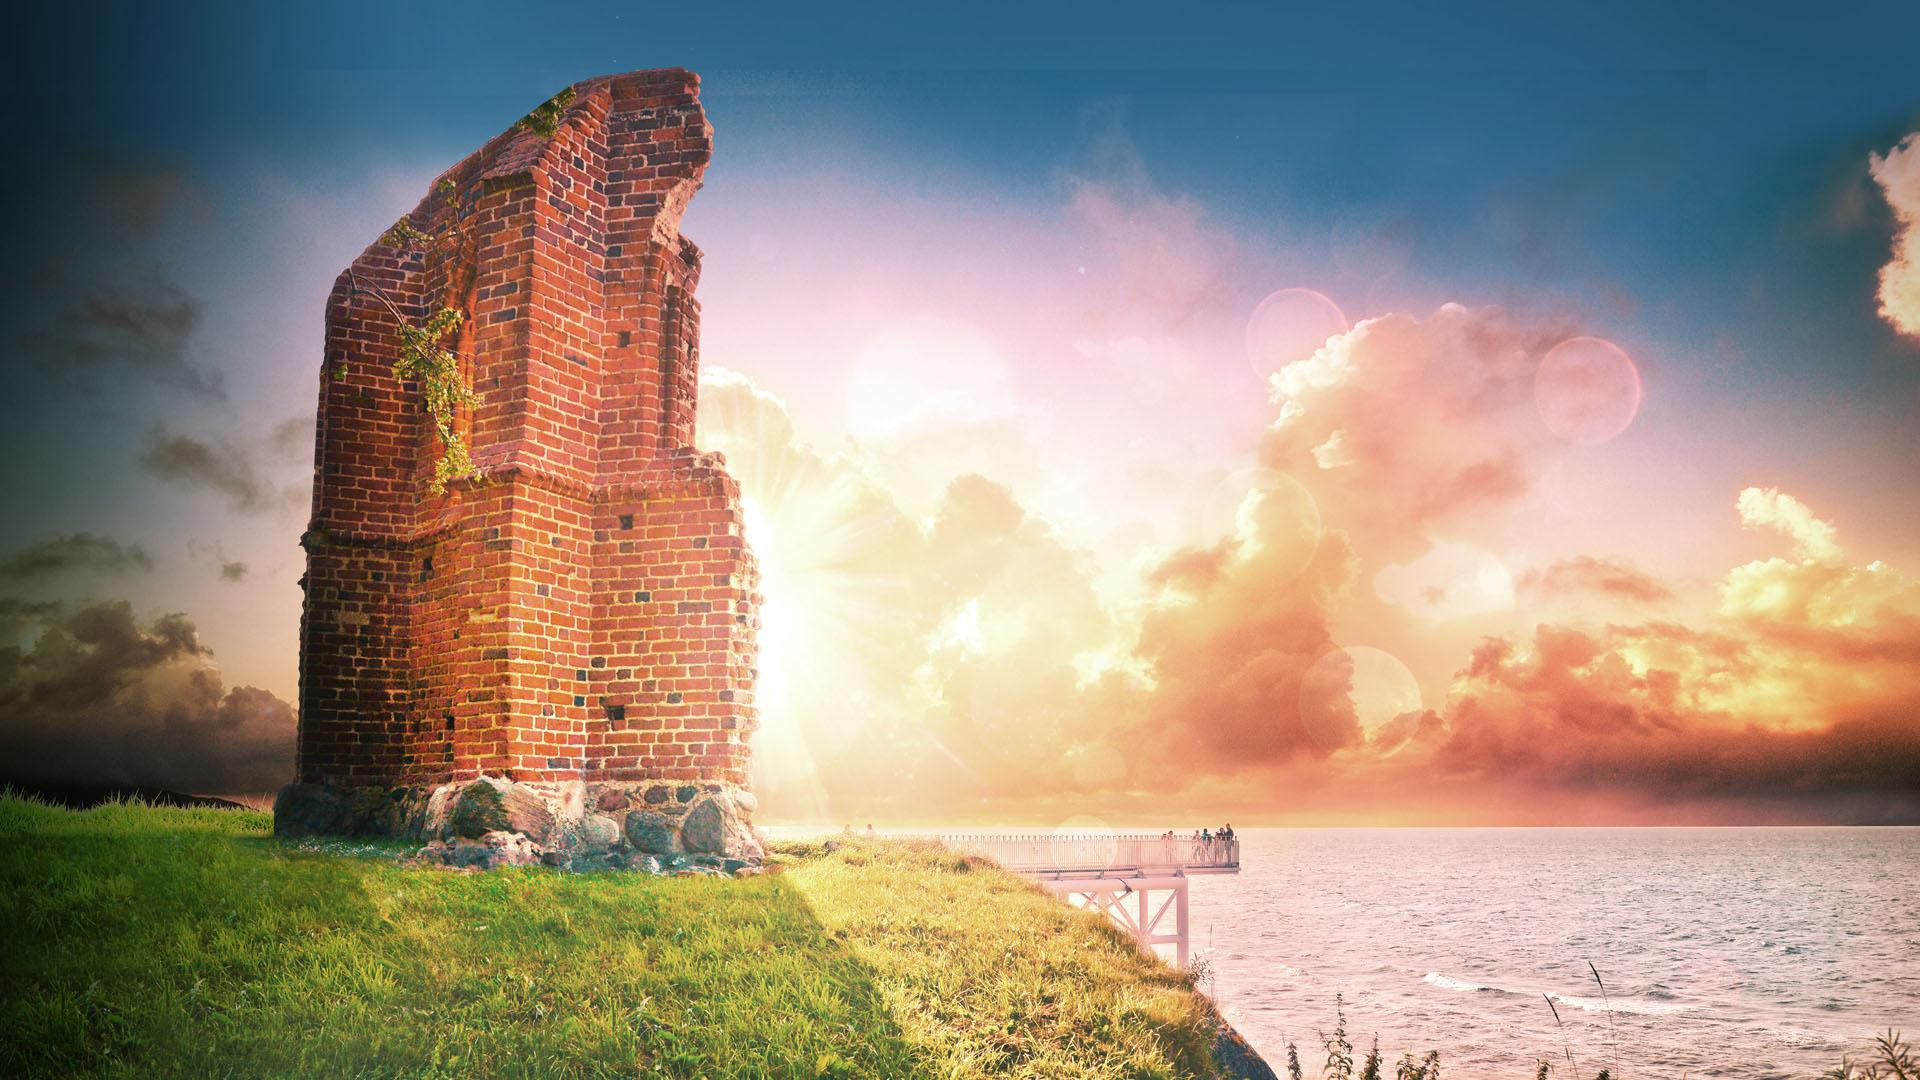 Słońce zachodzące za ruinami kościółka na skarpie w Trzęsaczu